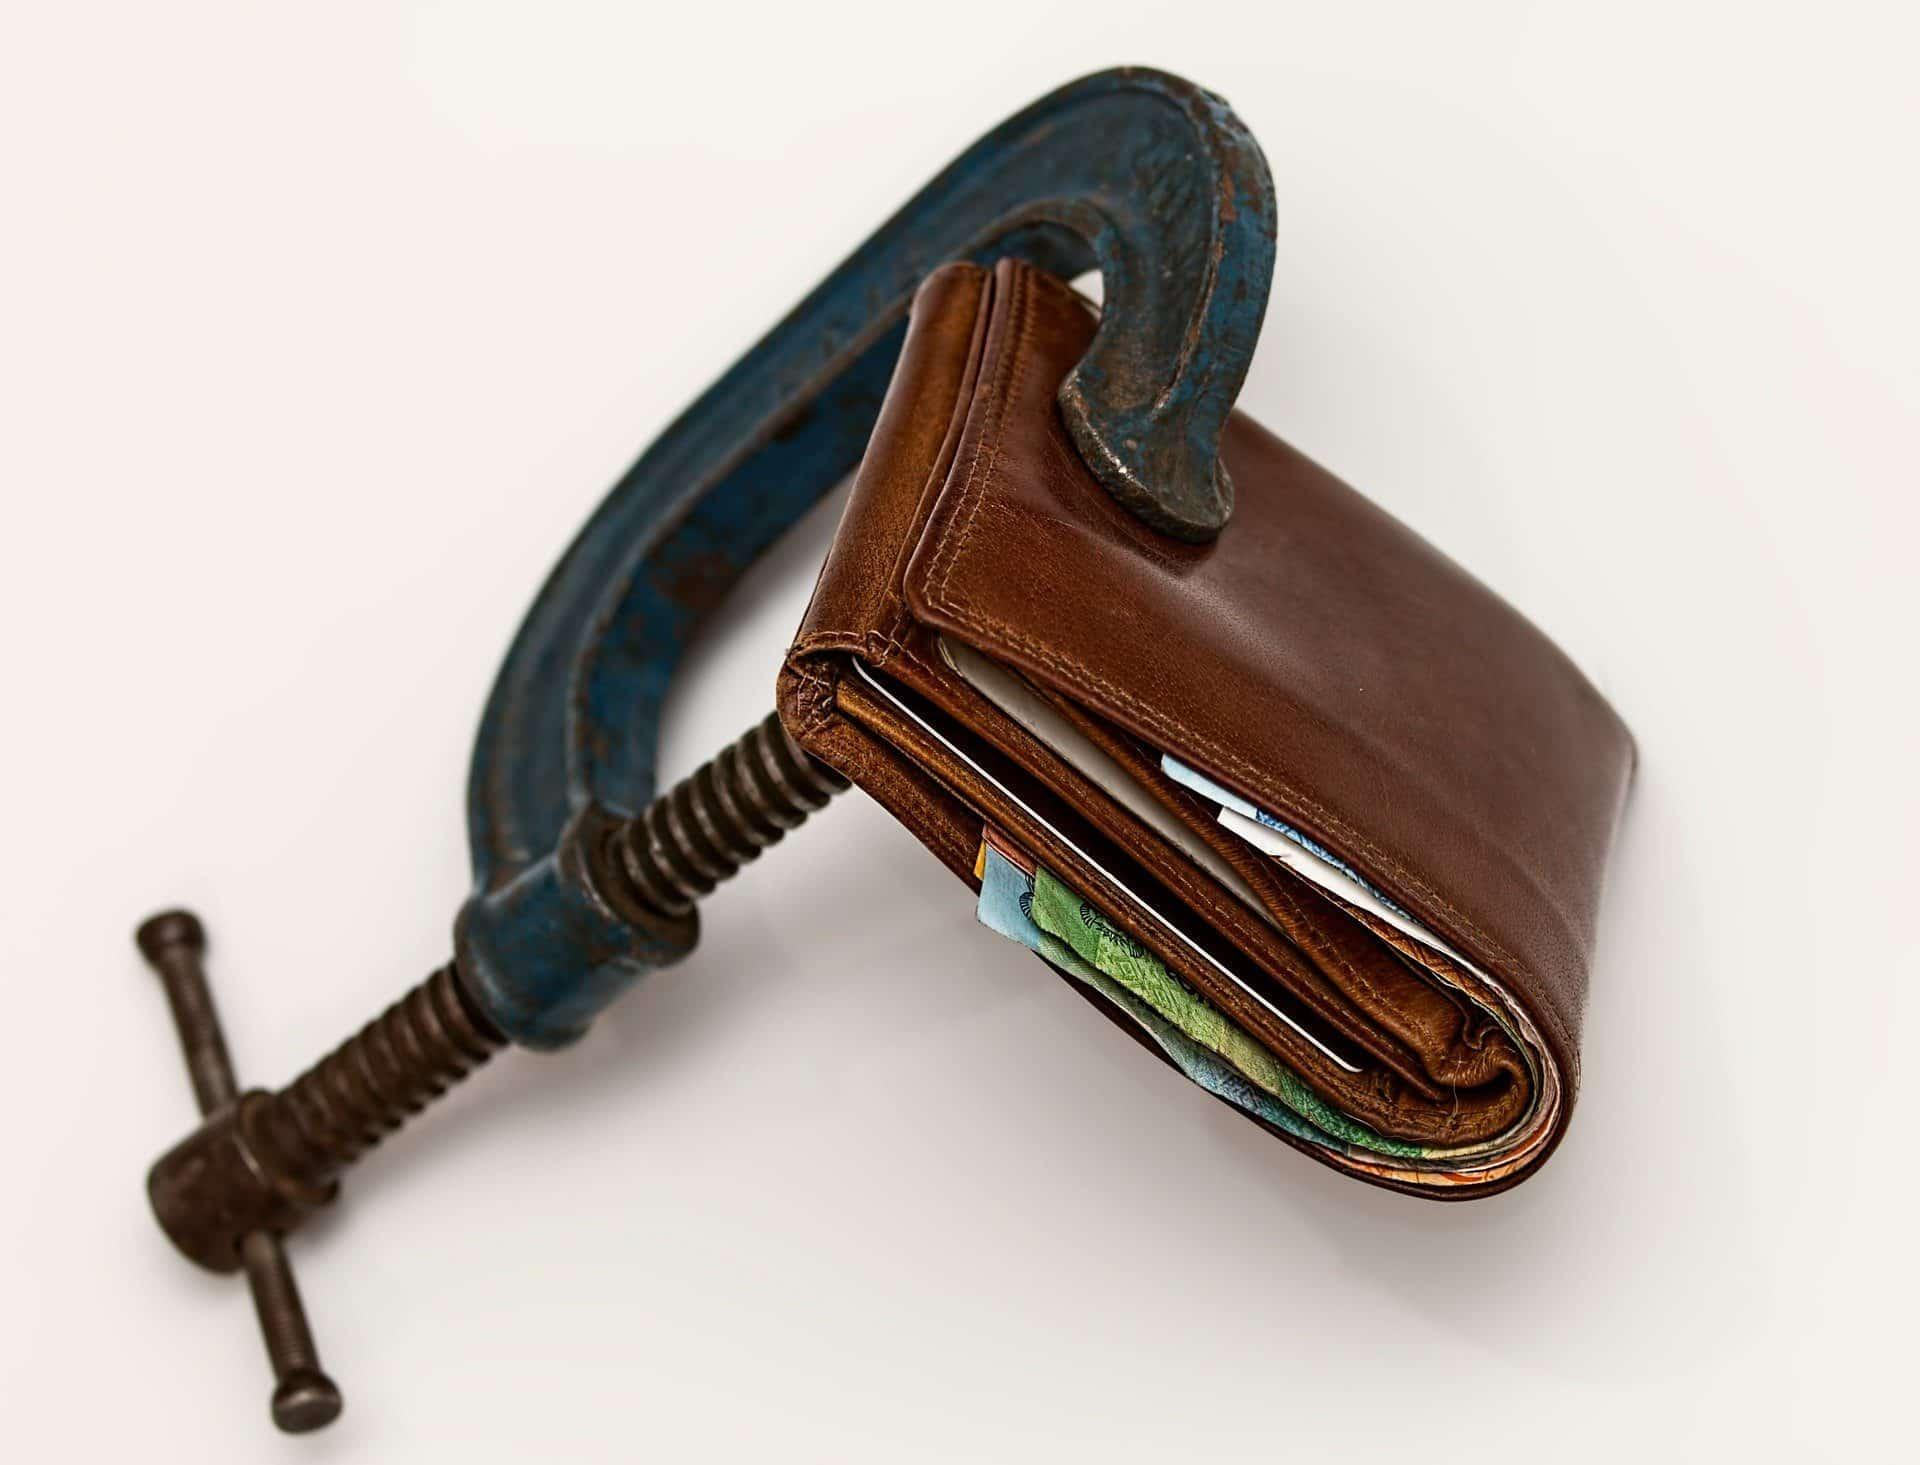 Quelles sont les conséquences d'un interdit bancaire?